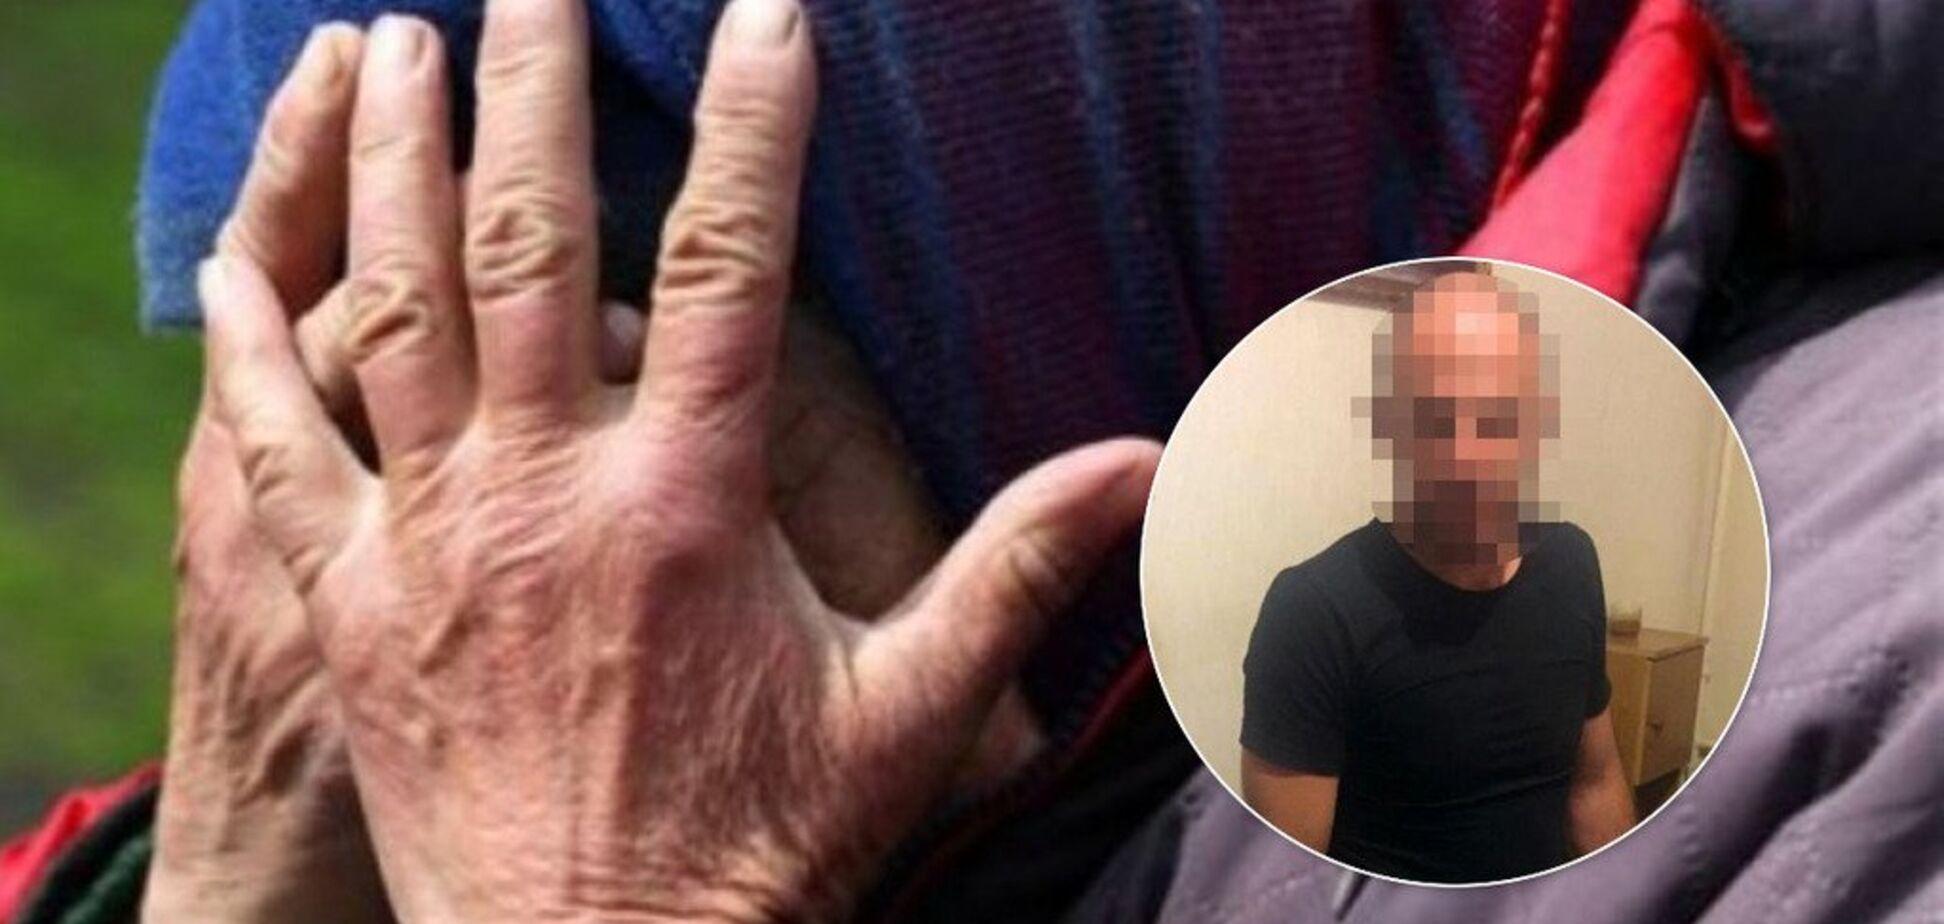 Побив до смерті: під Дніпром чоловік позбавив життя власну матір